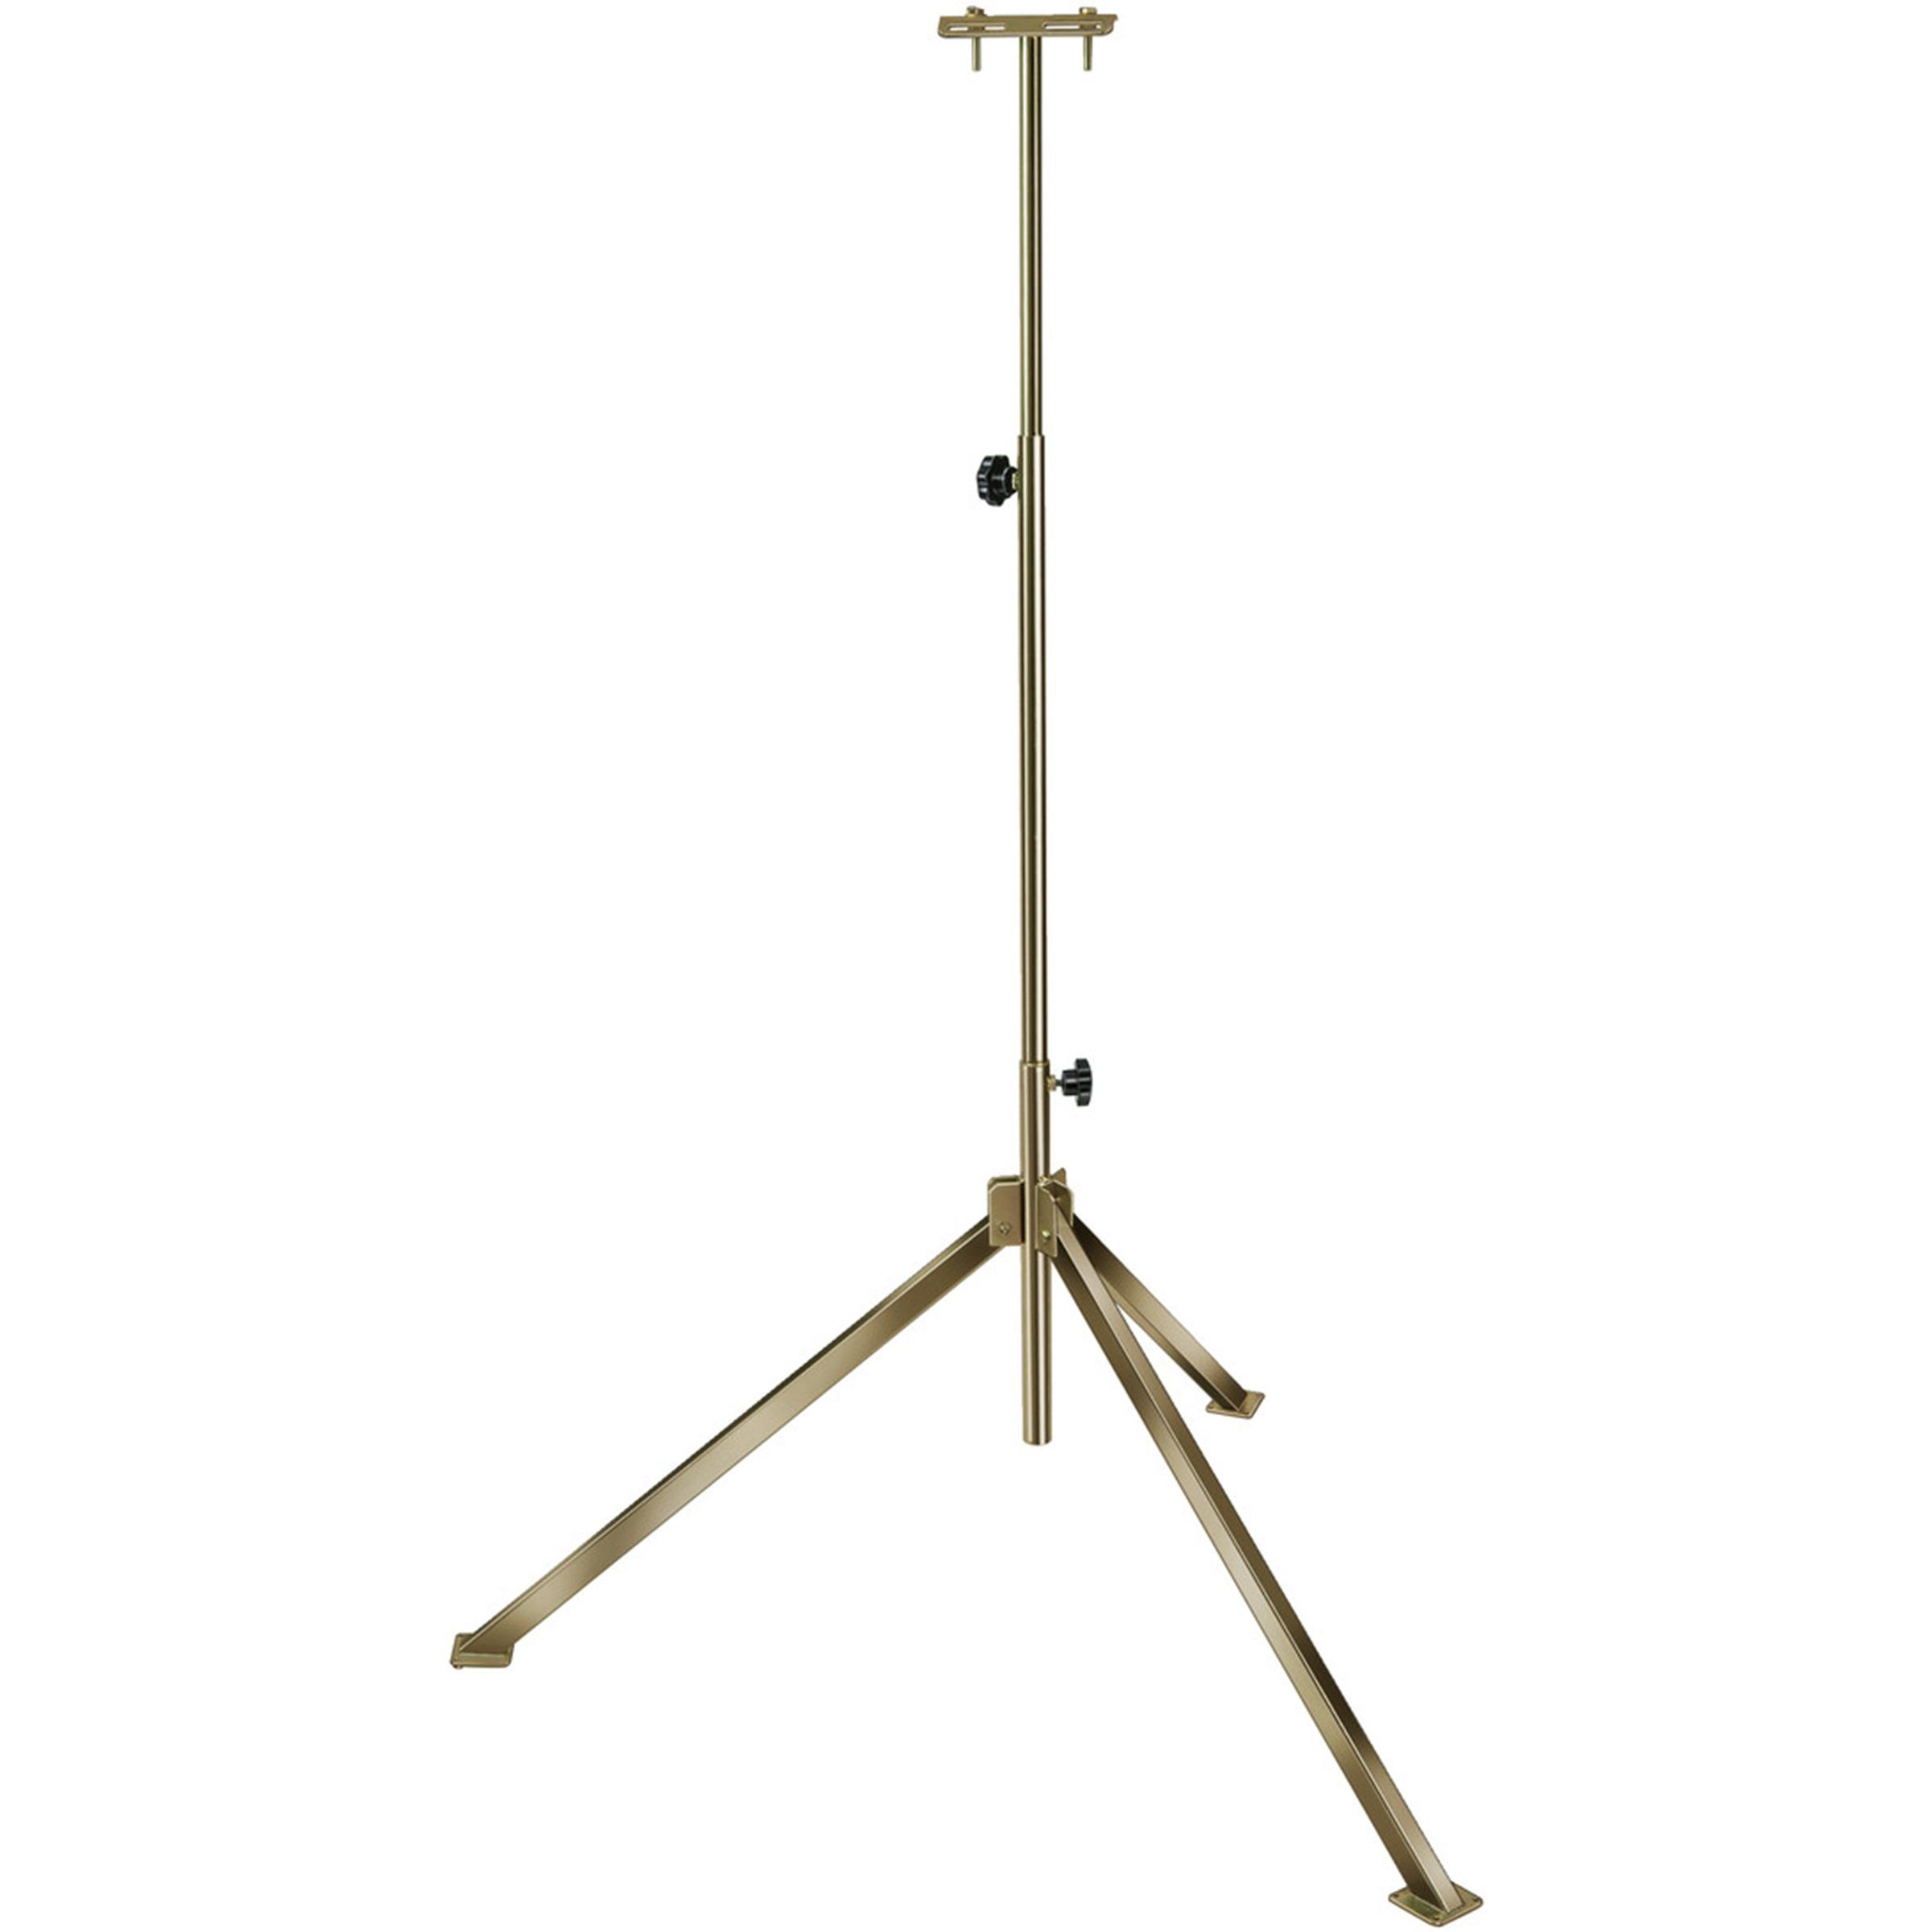 Bouw-telescoopstatief BS 250 voor grote bouwlampen